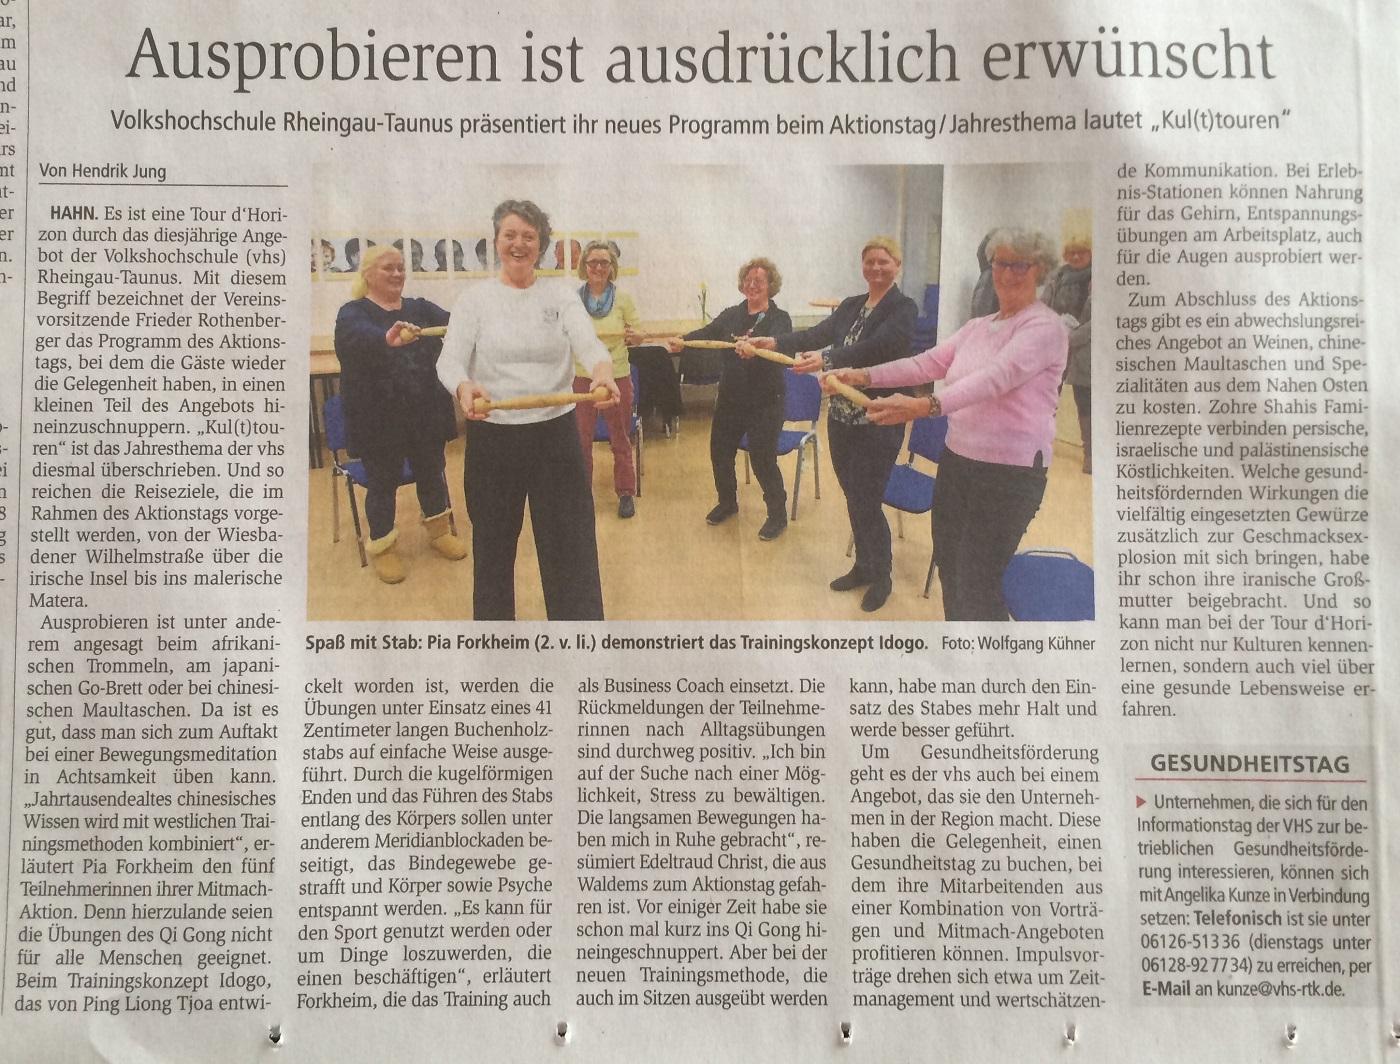 Auf dem Foto ist eine IDOGO Sportgruppe zu sehen beim Aktionstag der VHS, Rheingau-Taunus-Kreis, CR: Wiesbadener Kurier, 4.2.2019